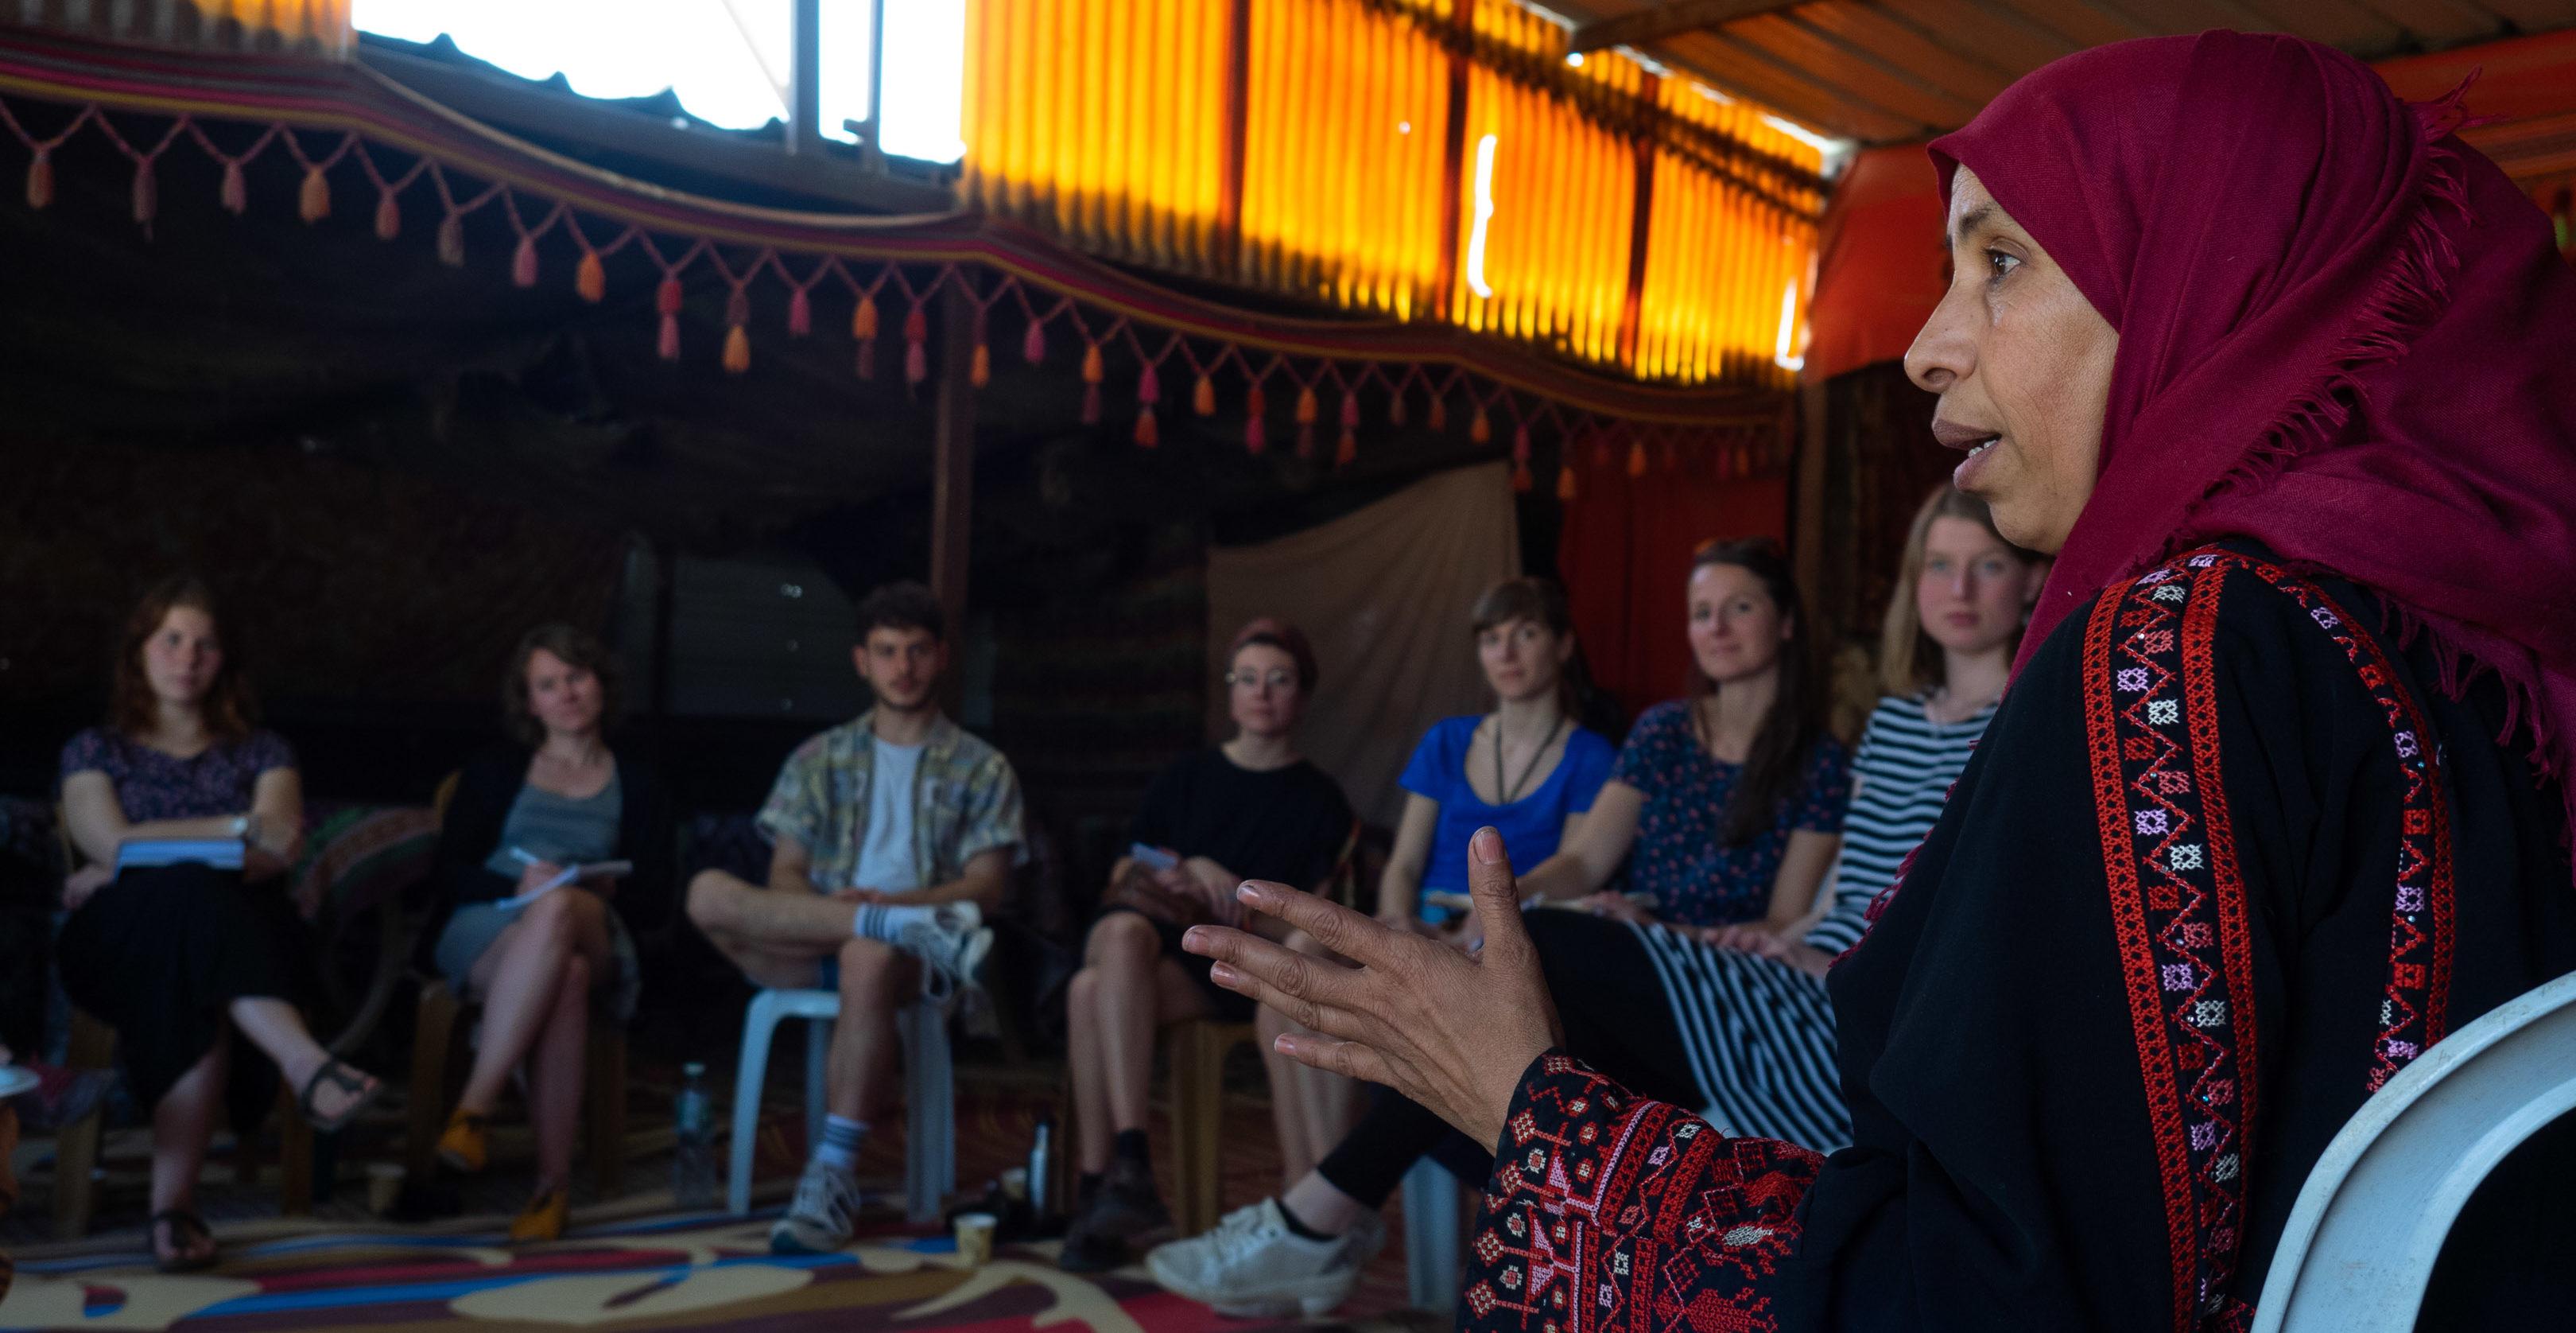 Suheila erzählt den Teilnehmenden aus ihrem Leben